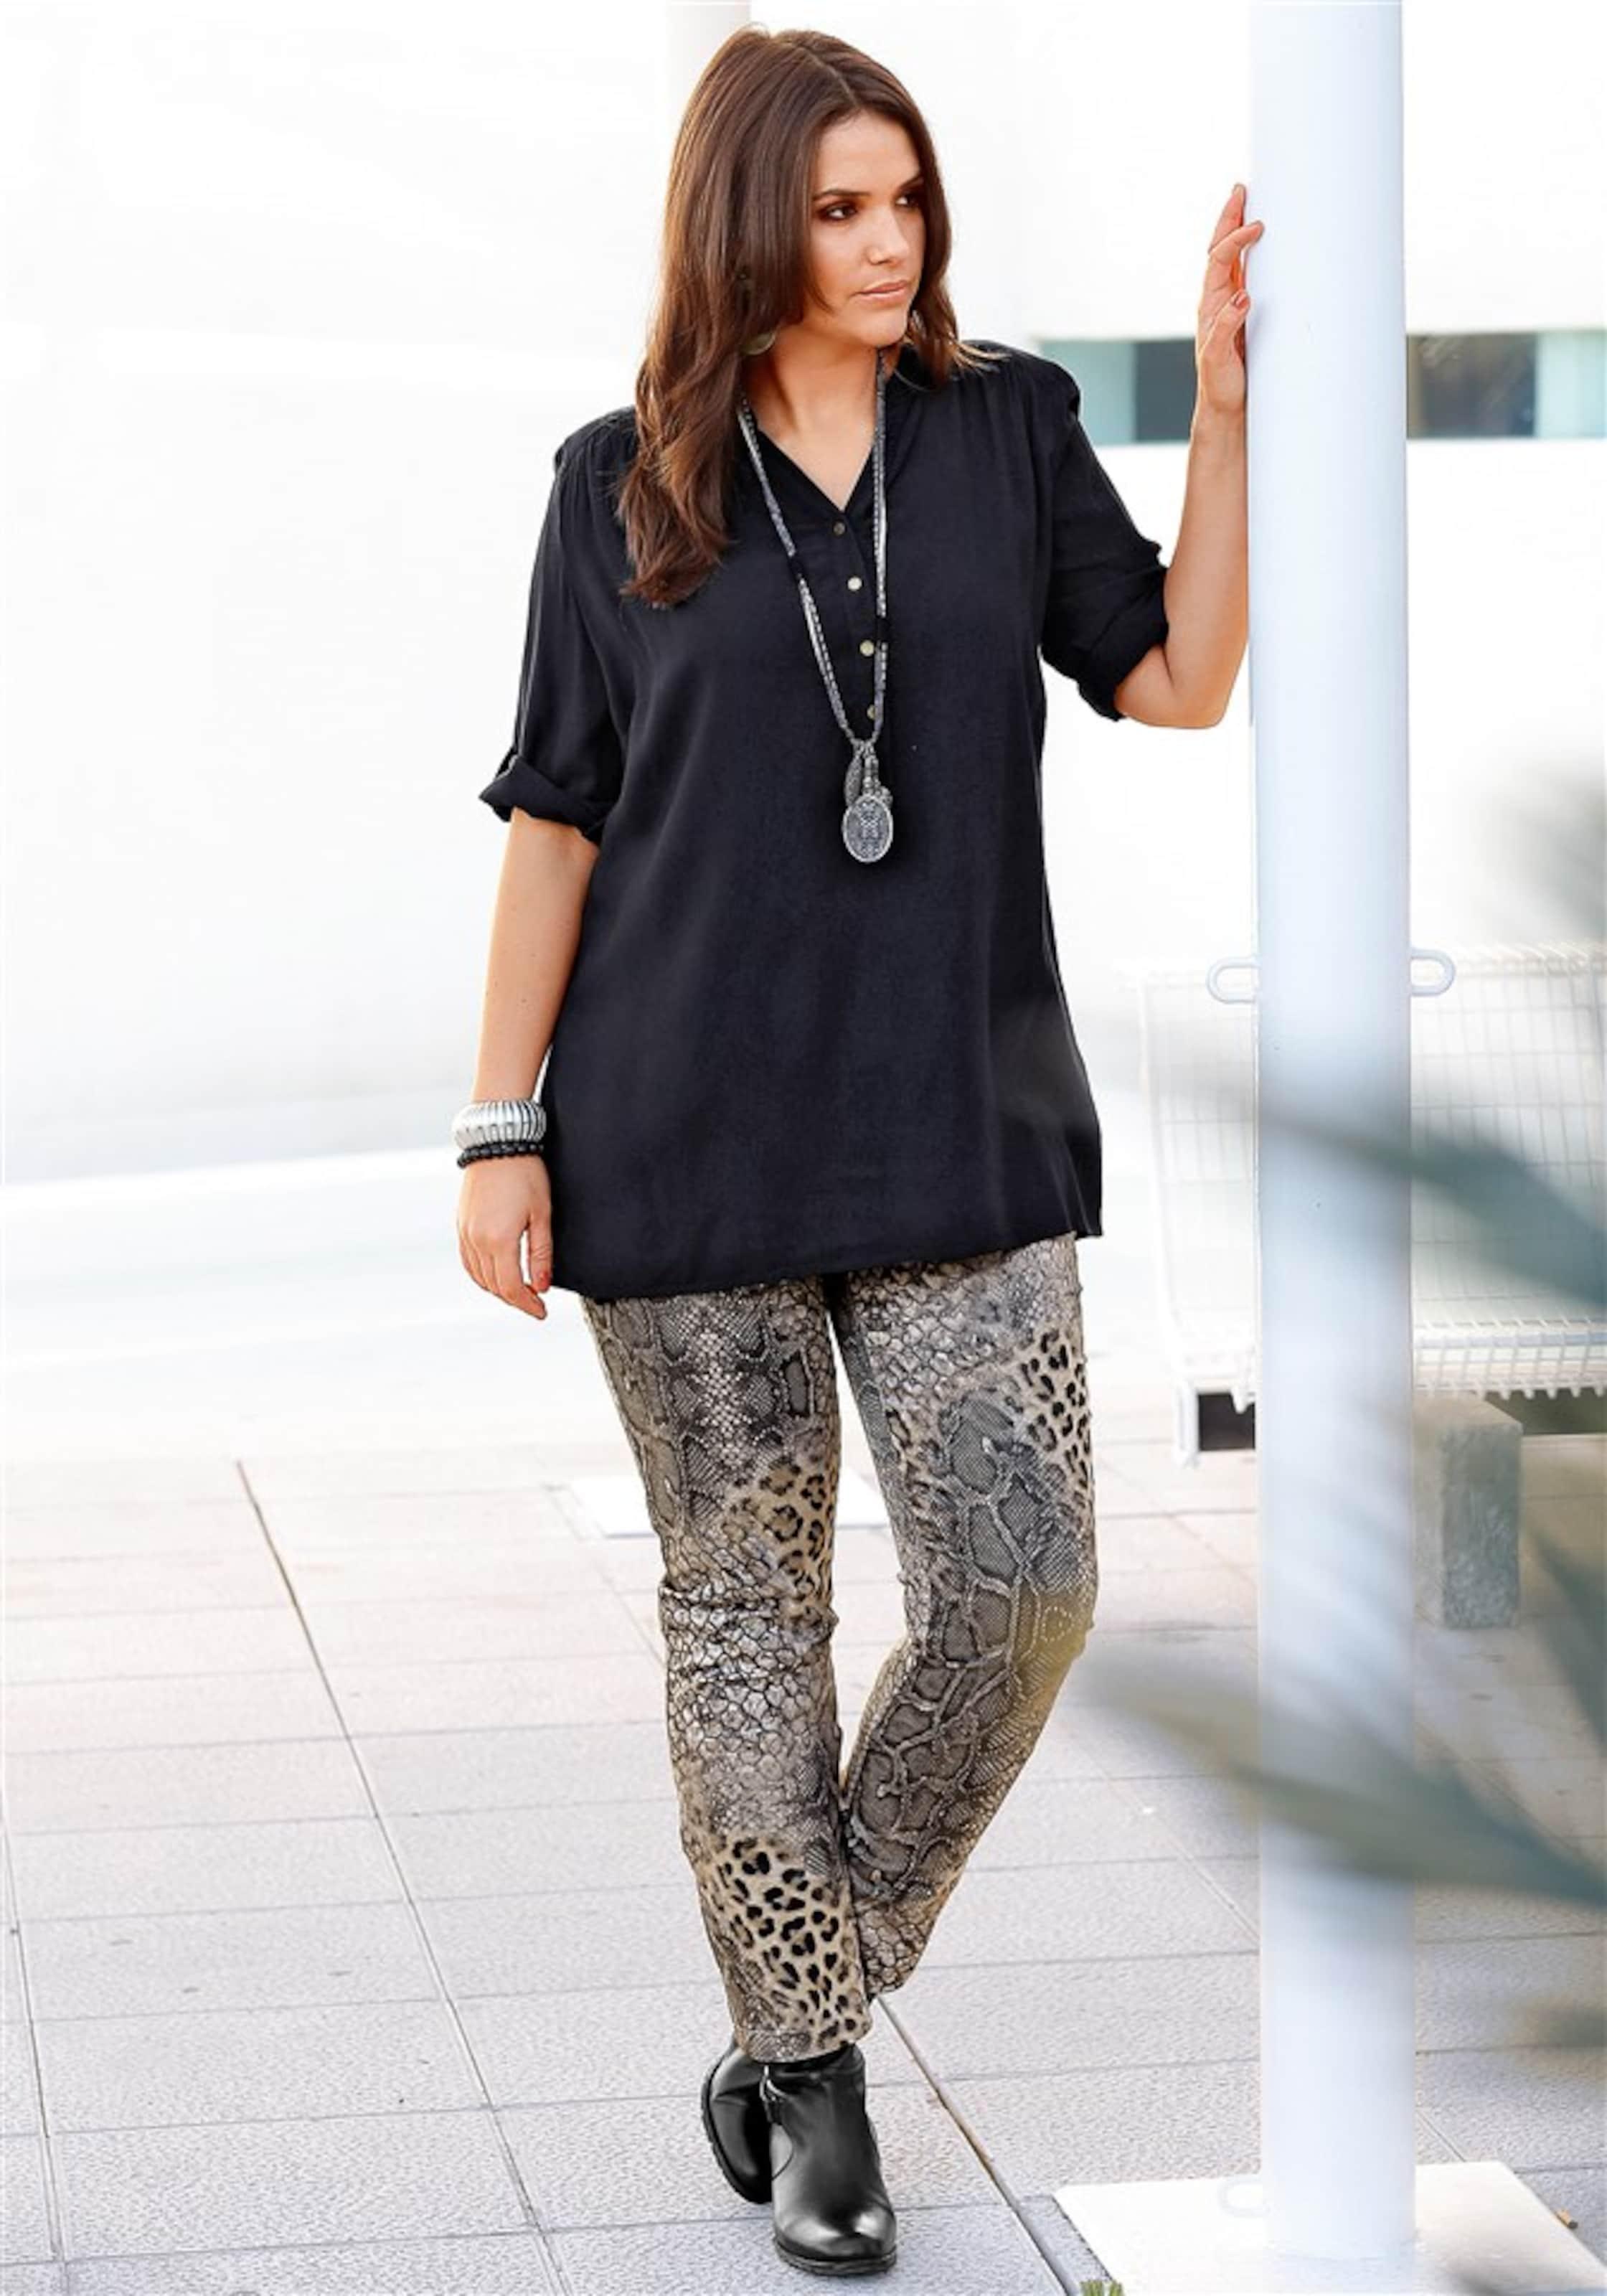 Style Style Longtunika In Sheego Sheego Sheego Style In Longtunika Schwarz Schwarz 80mwvnN